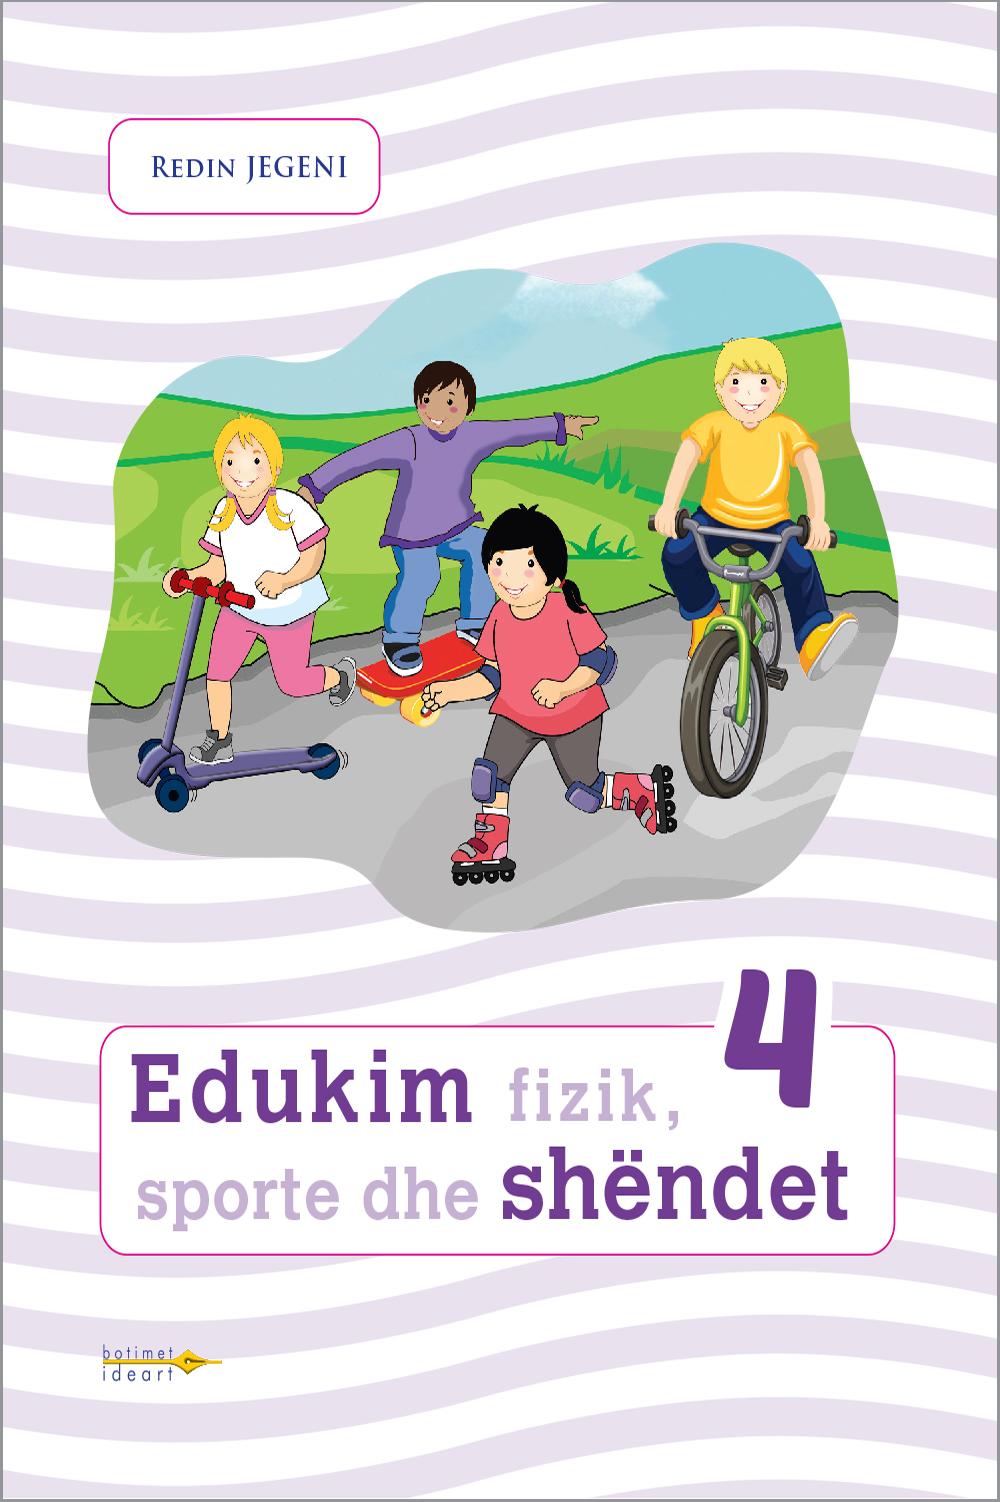 Edukim fizik, sporte dhe shëndet 4